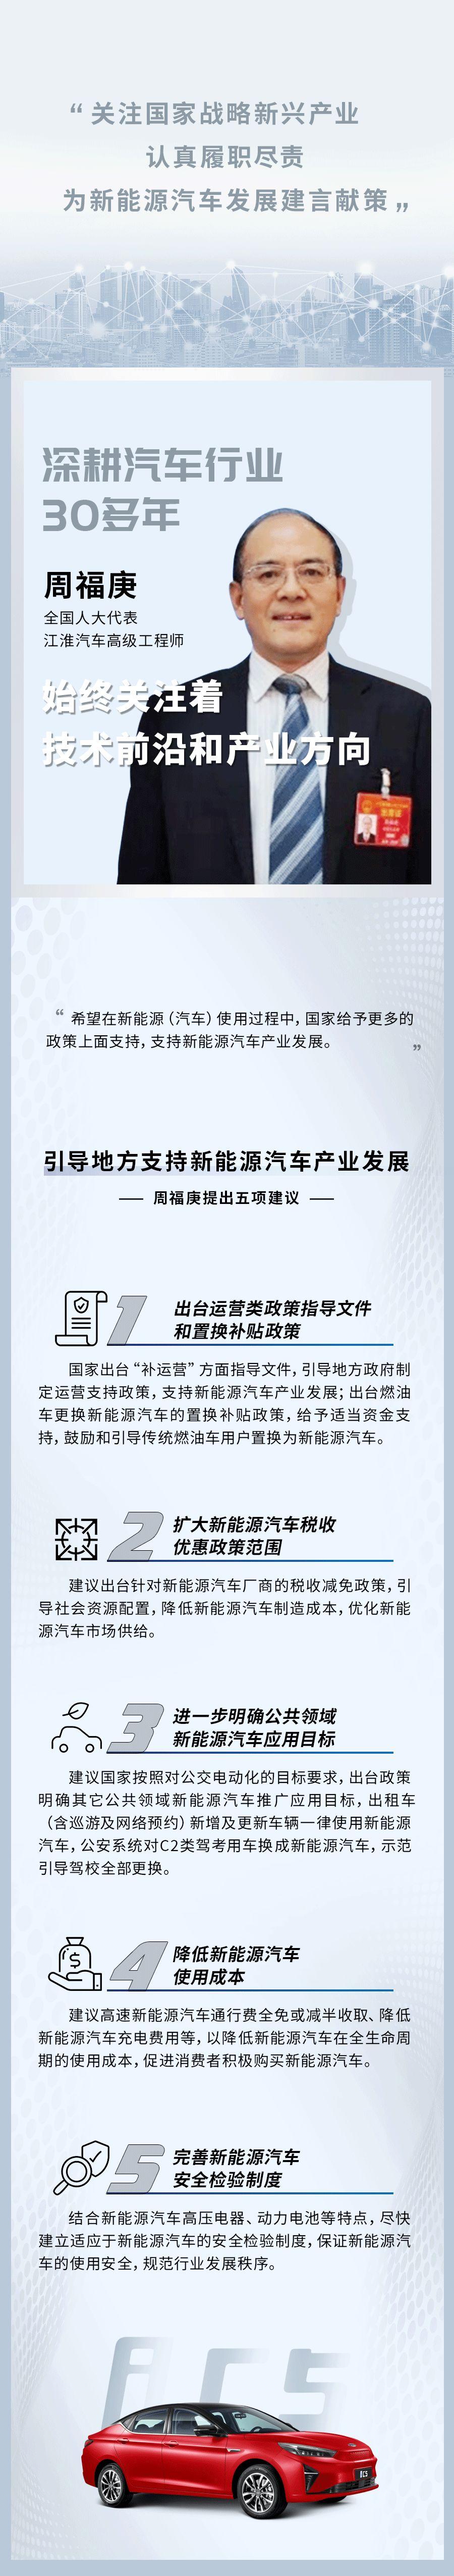 江淮汽车周福庚:提议减少新能源车应用成本费